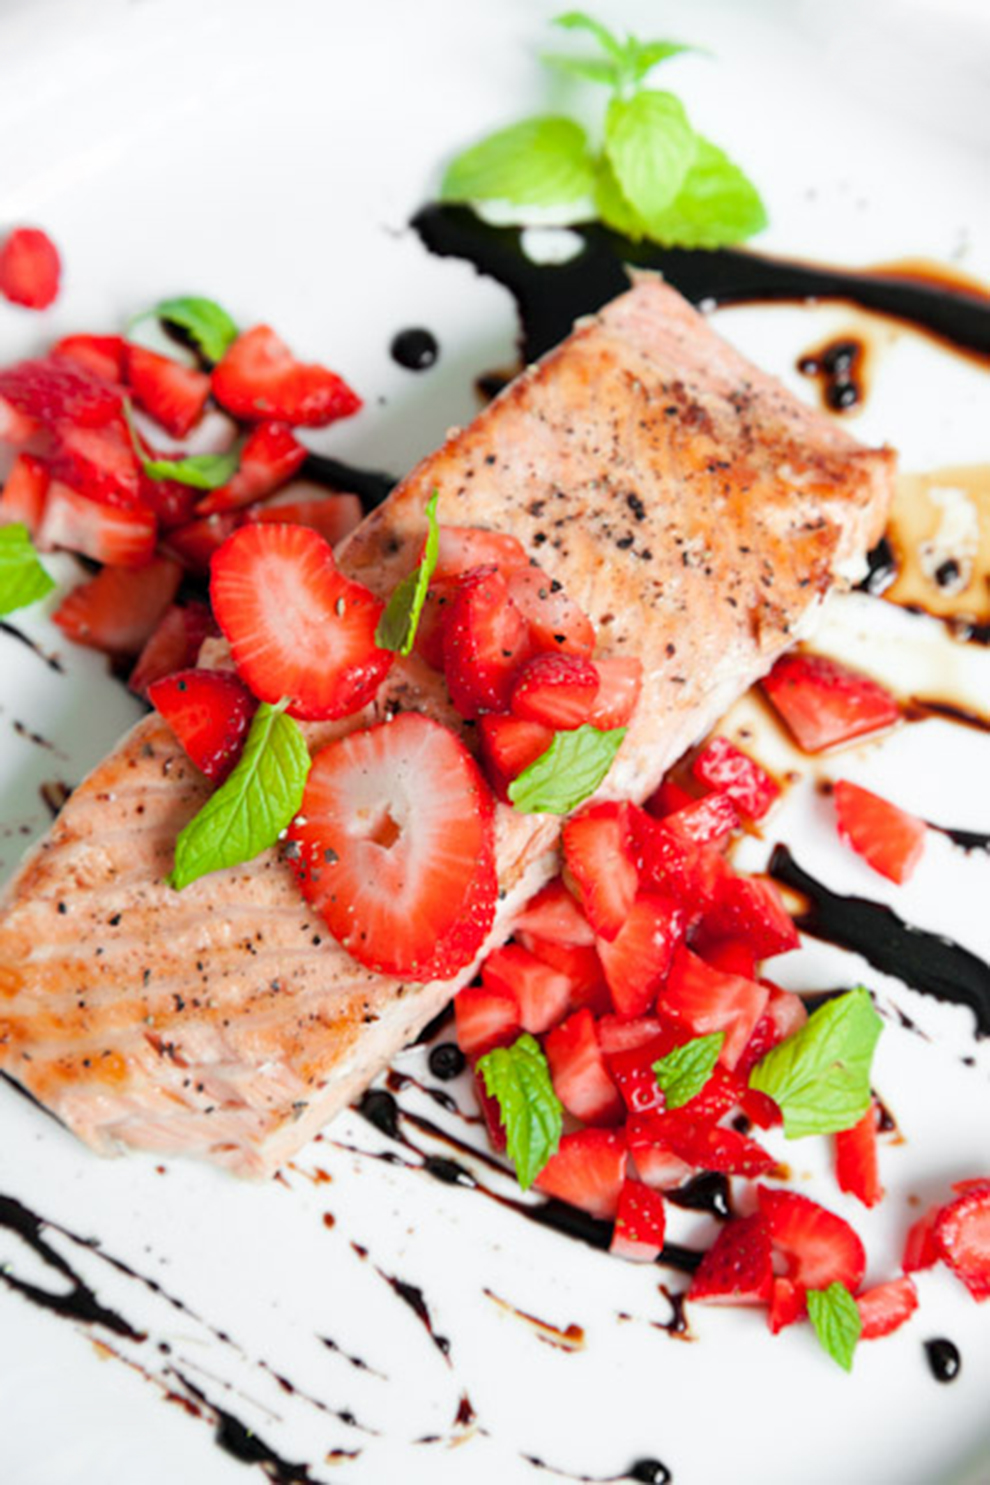 BiteDelite-losos-z-truskawkami-w-balsamicznym-sosie-5309